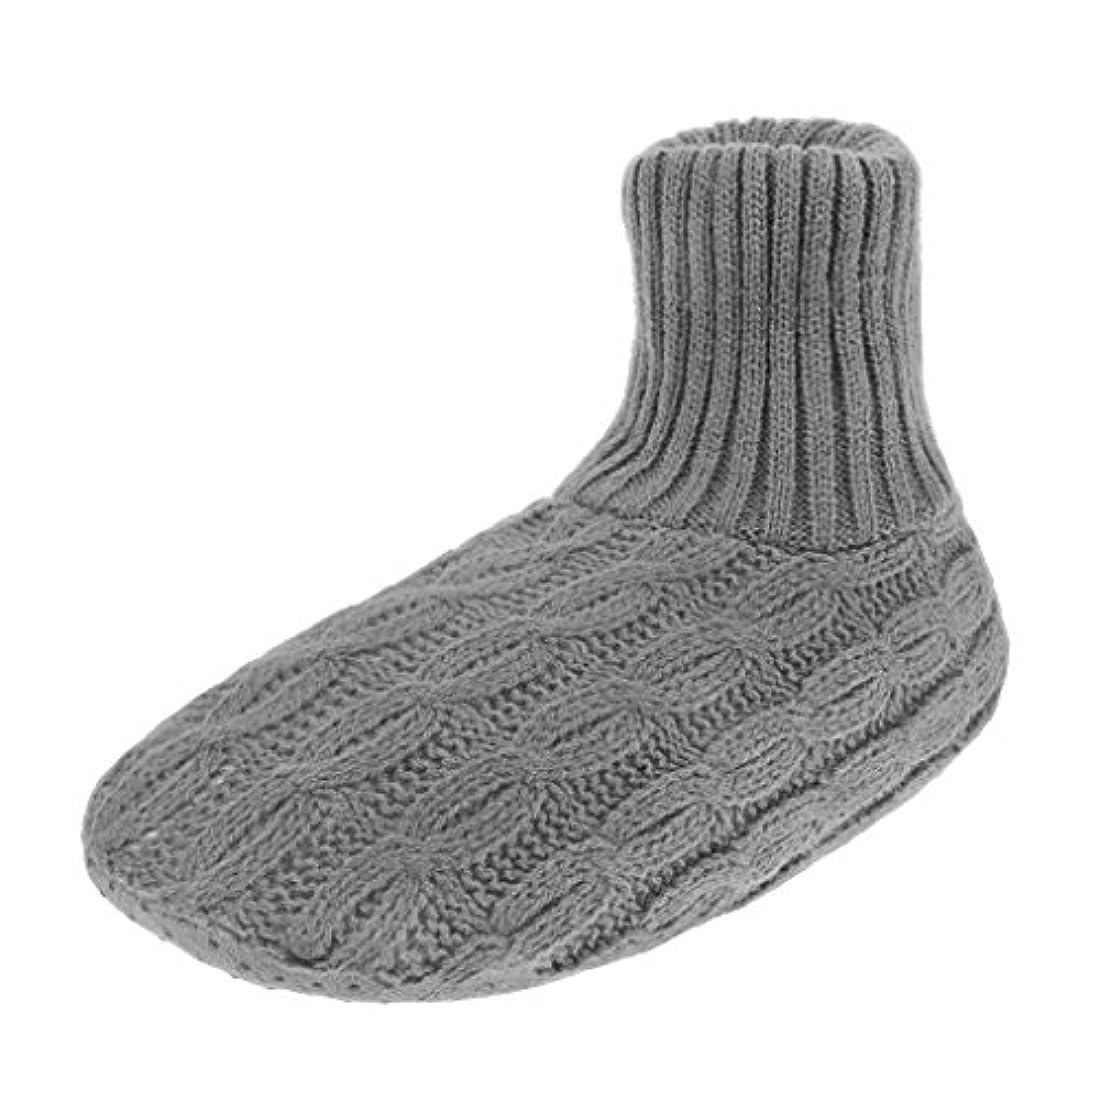 パズルジム売上高レディース靴下 ルームソックス 編み物 室内履き 自宅仕事用 ニット 暖かい もこもこ 寒気防止 両足温める 極厚地 柔軟 滑り止めクッション シンプル 冬 ソックス くつした ガールズ 女 女性用 成人 ジュニア 来客用 グレー